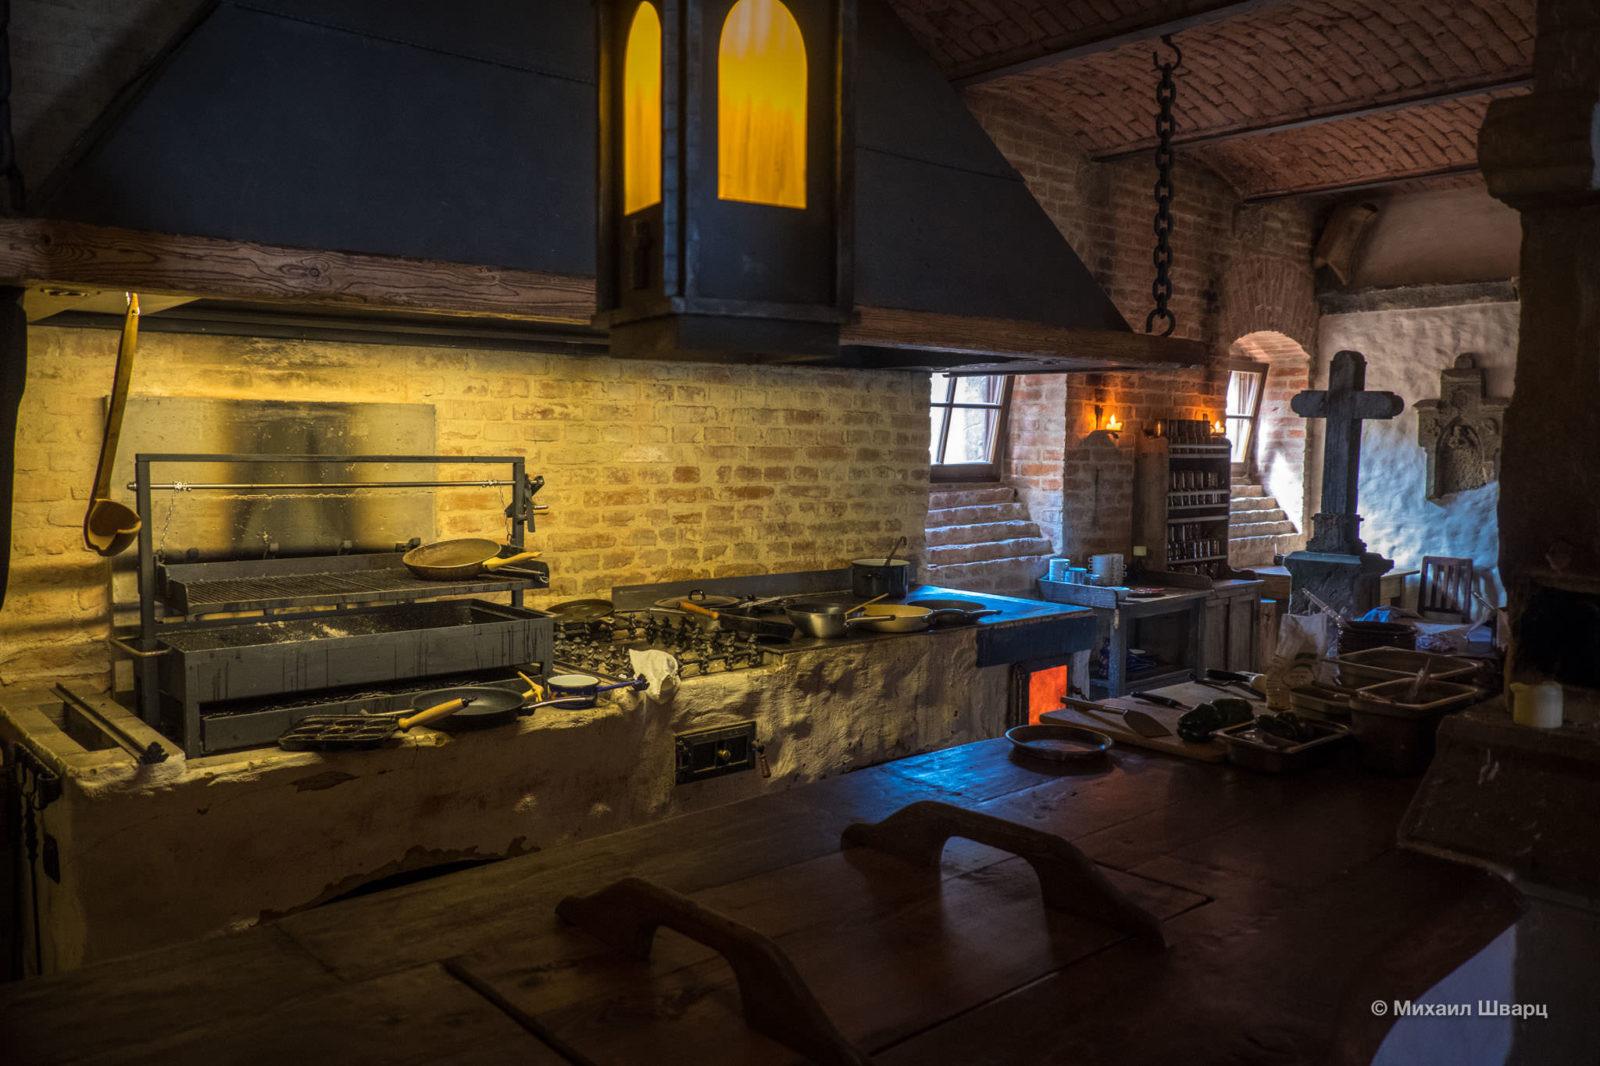 Кухня, где готовится еда